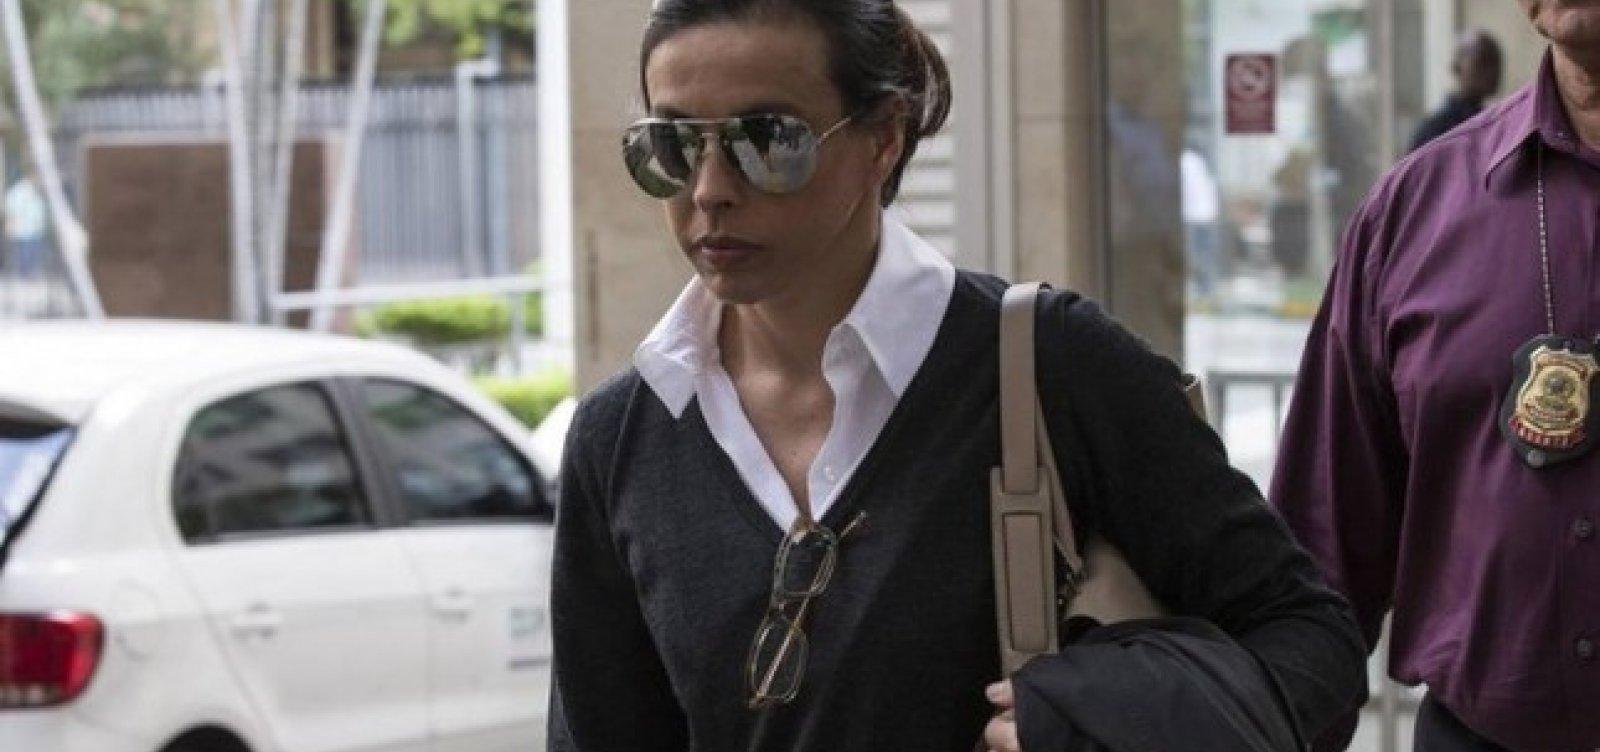 Adriana Ancelmo é proibida de visitar Cabral como advogada